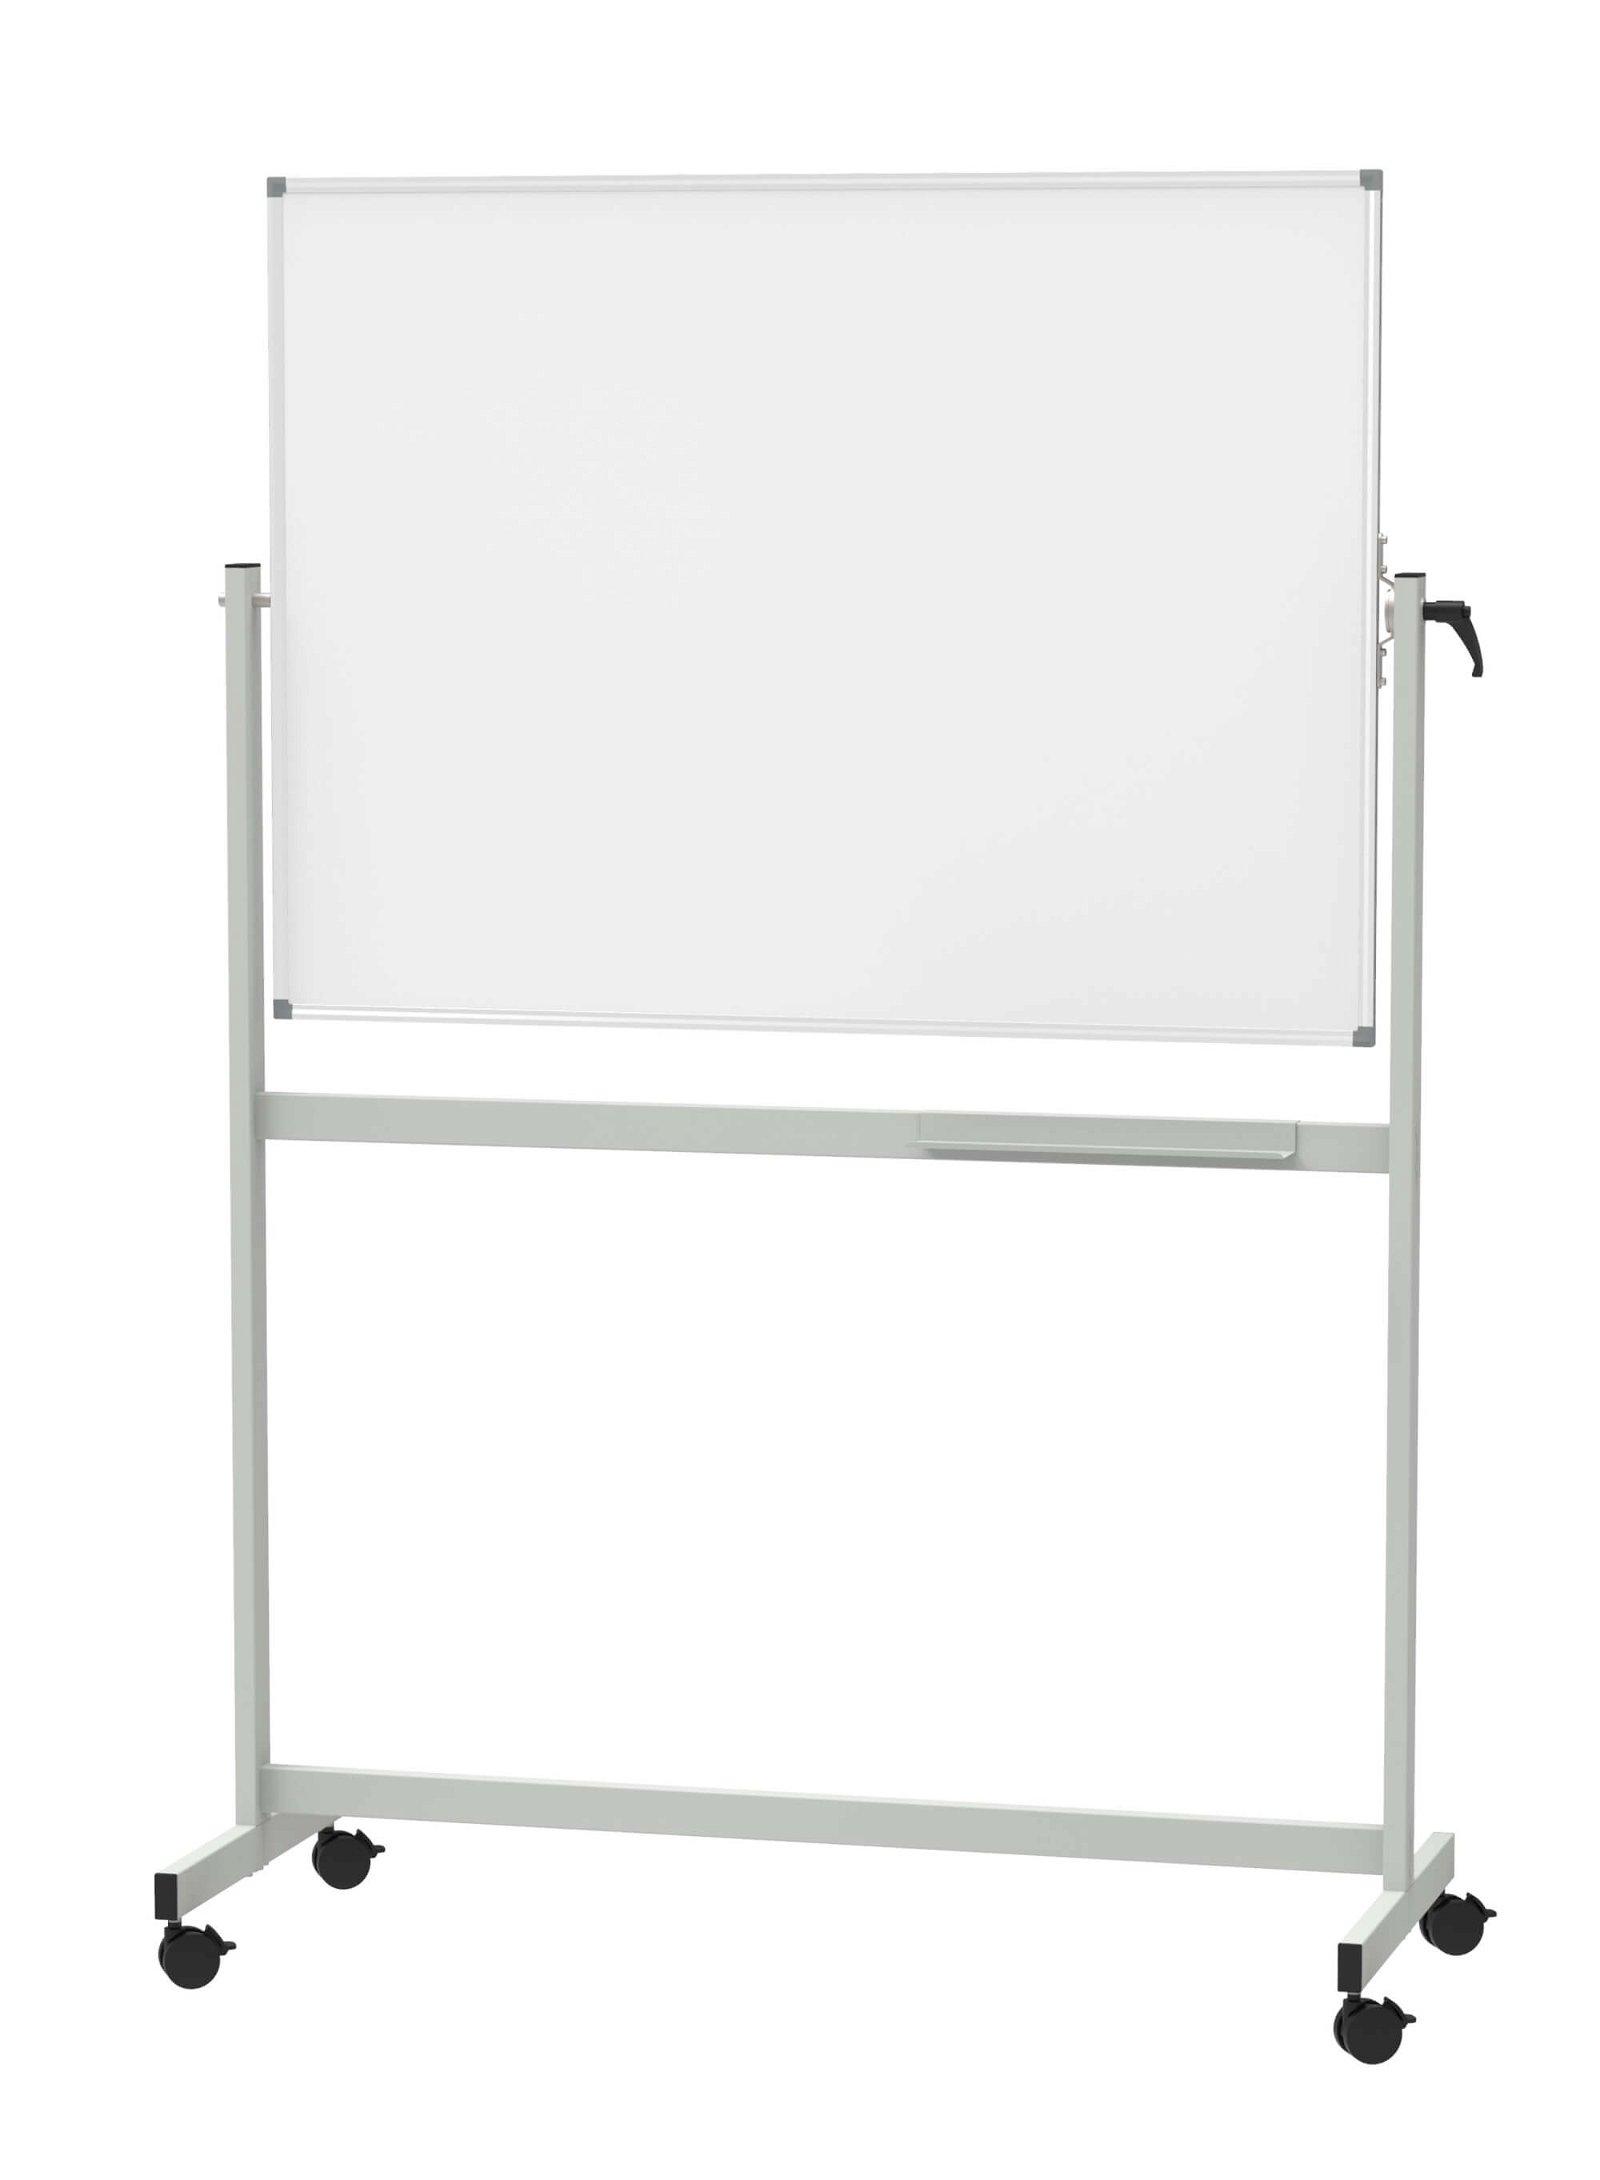 Mobiles Whiteboard, MAUL- standard, drehbar, 90x120 cm, grau